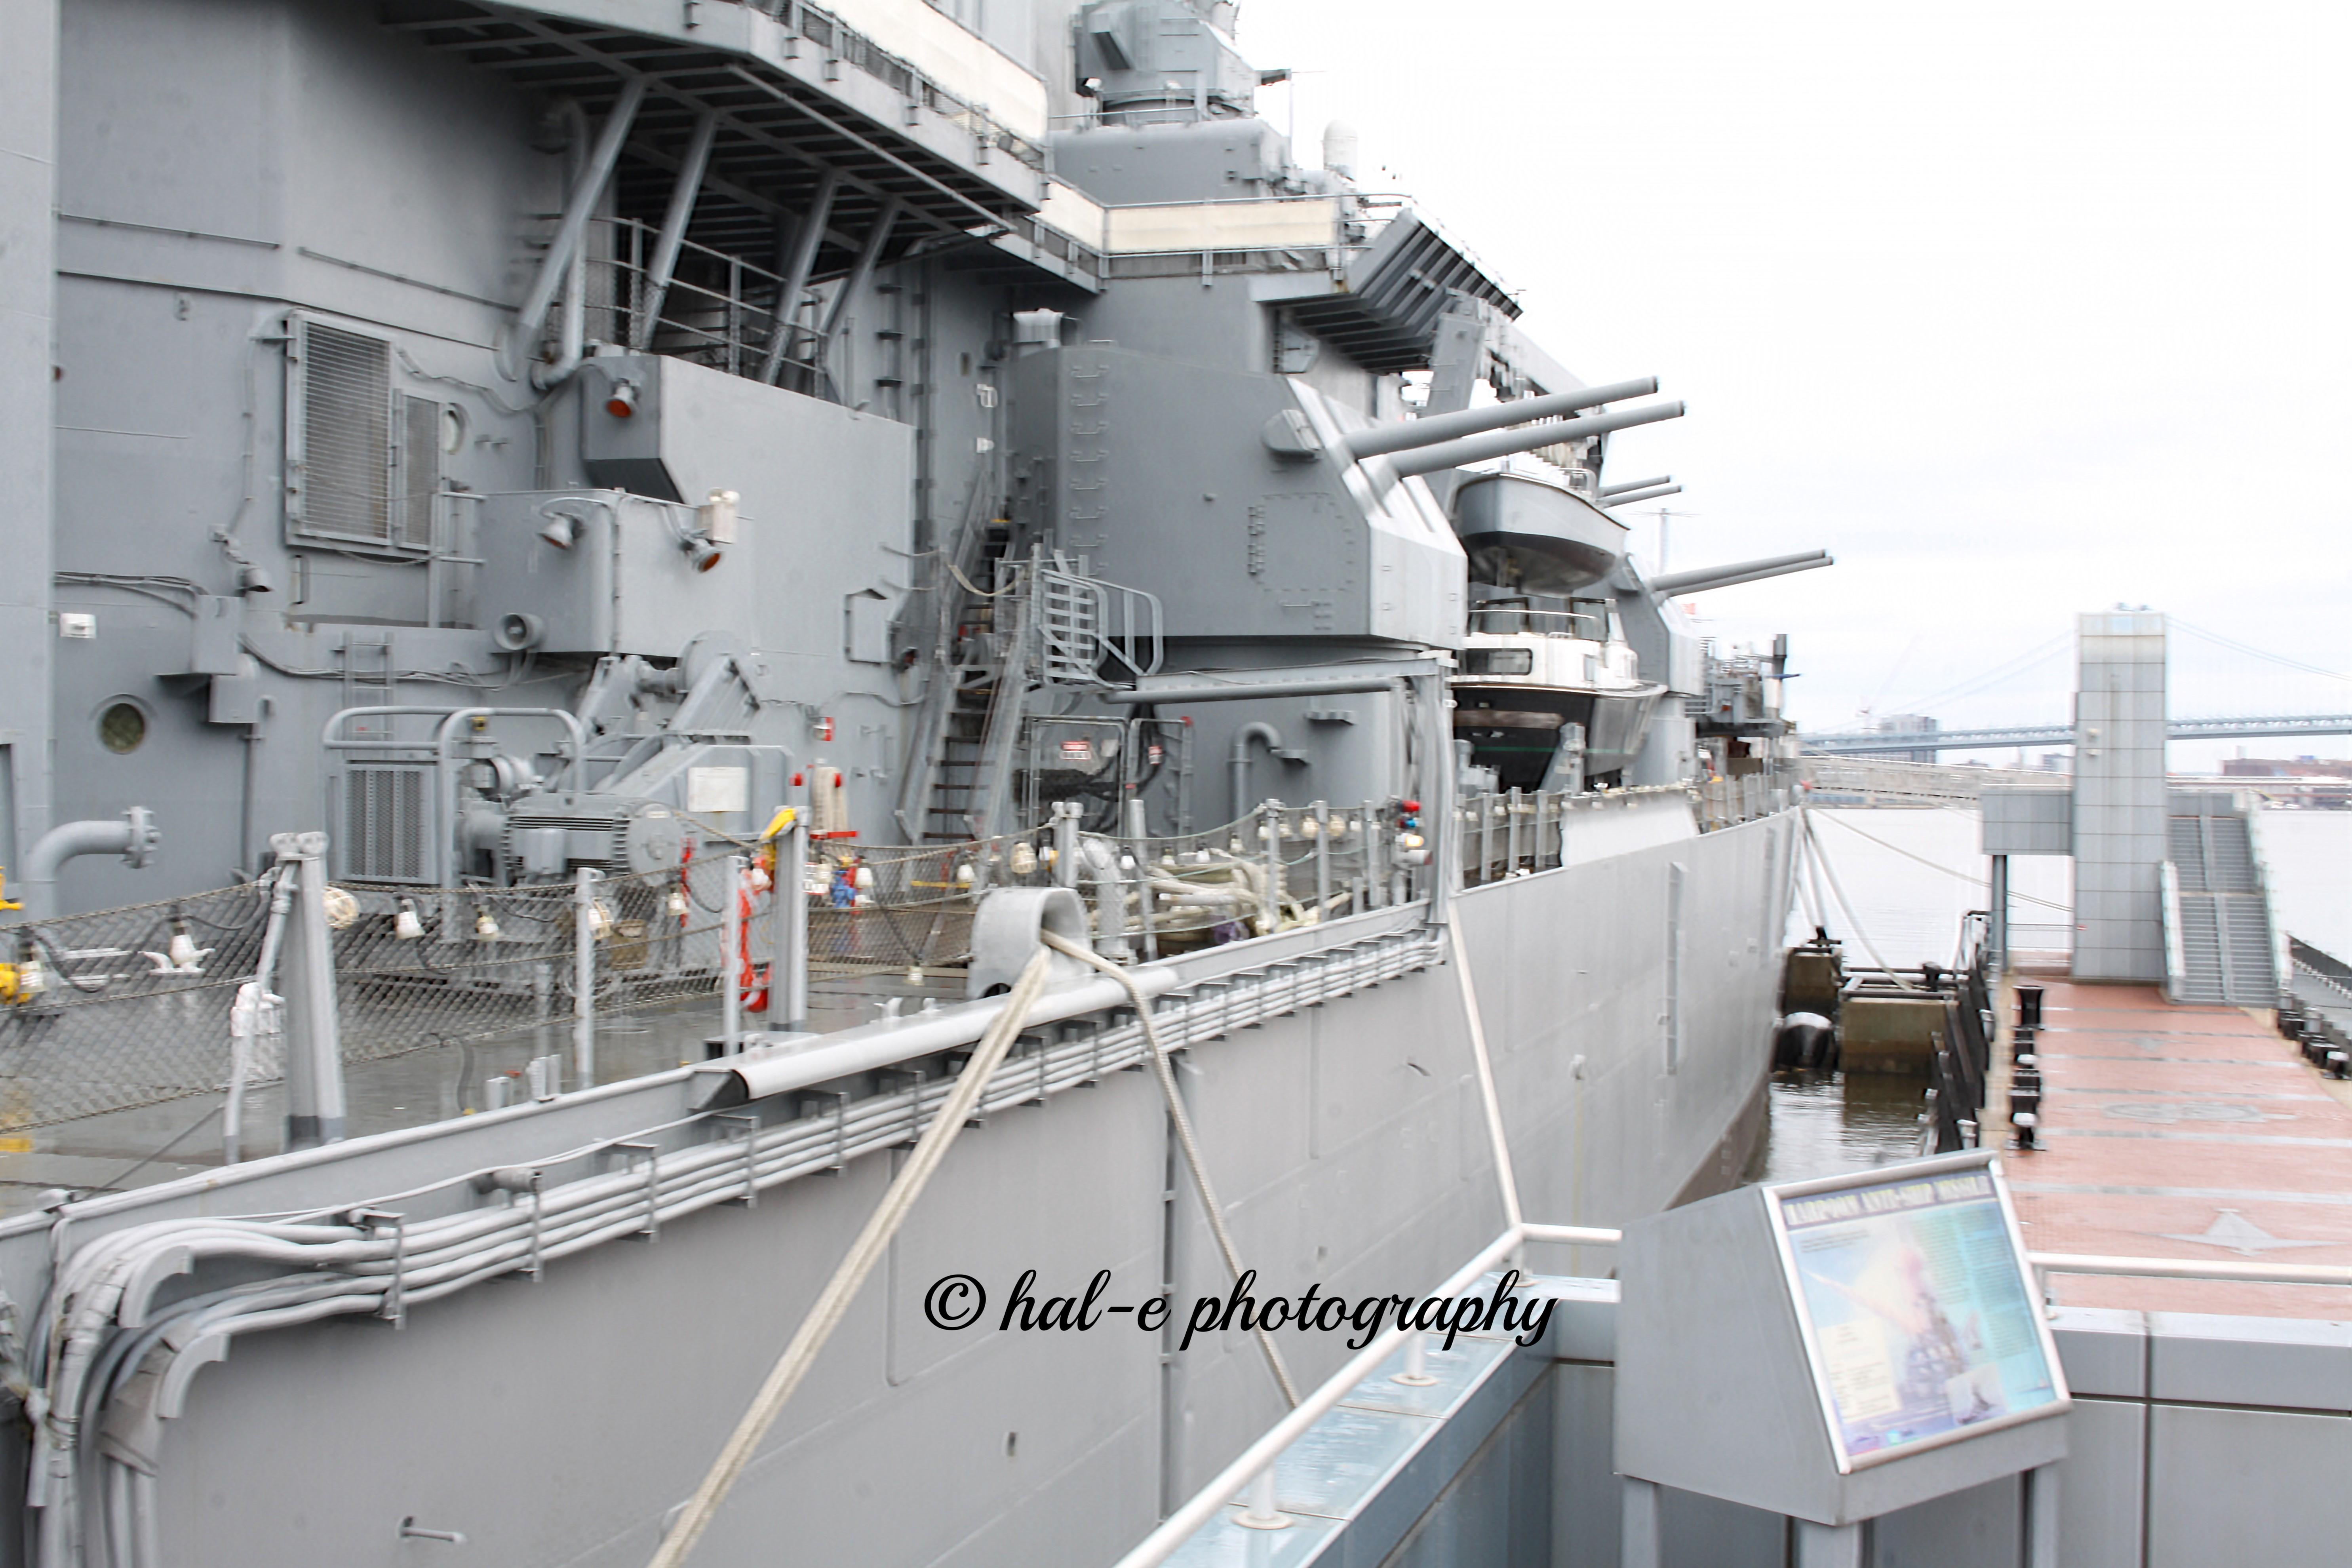 USS NJ Starboard Side